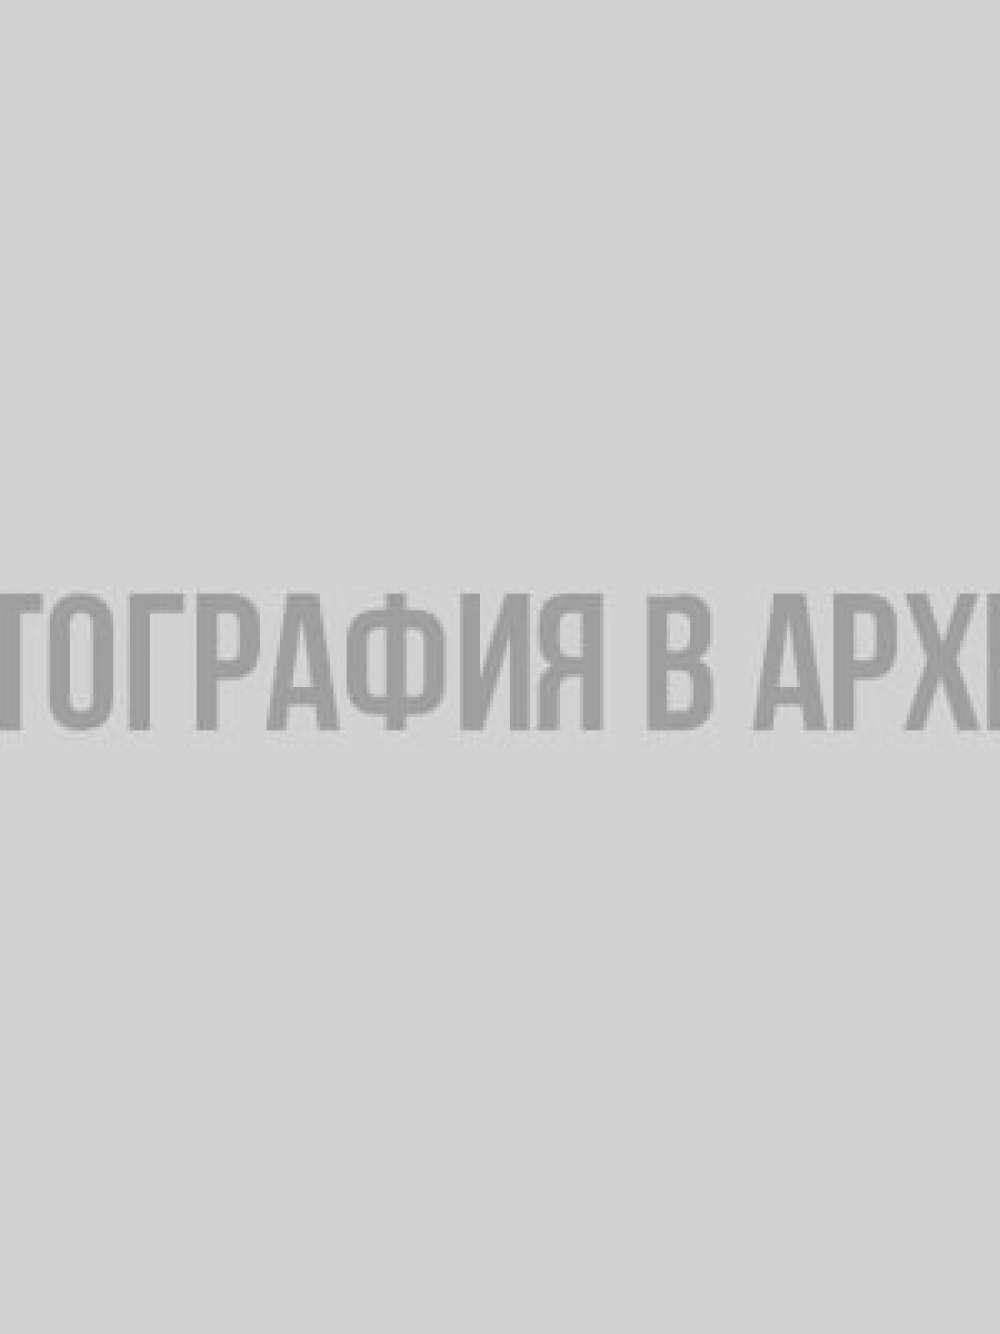 Фото: еще двух спасенных тюленей выпустили на волю после реабилитации Фонд друзей балтийской нерпы, финский залив, тюлени, репино